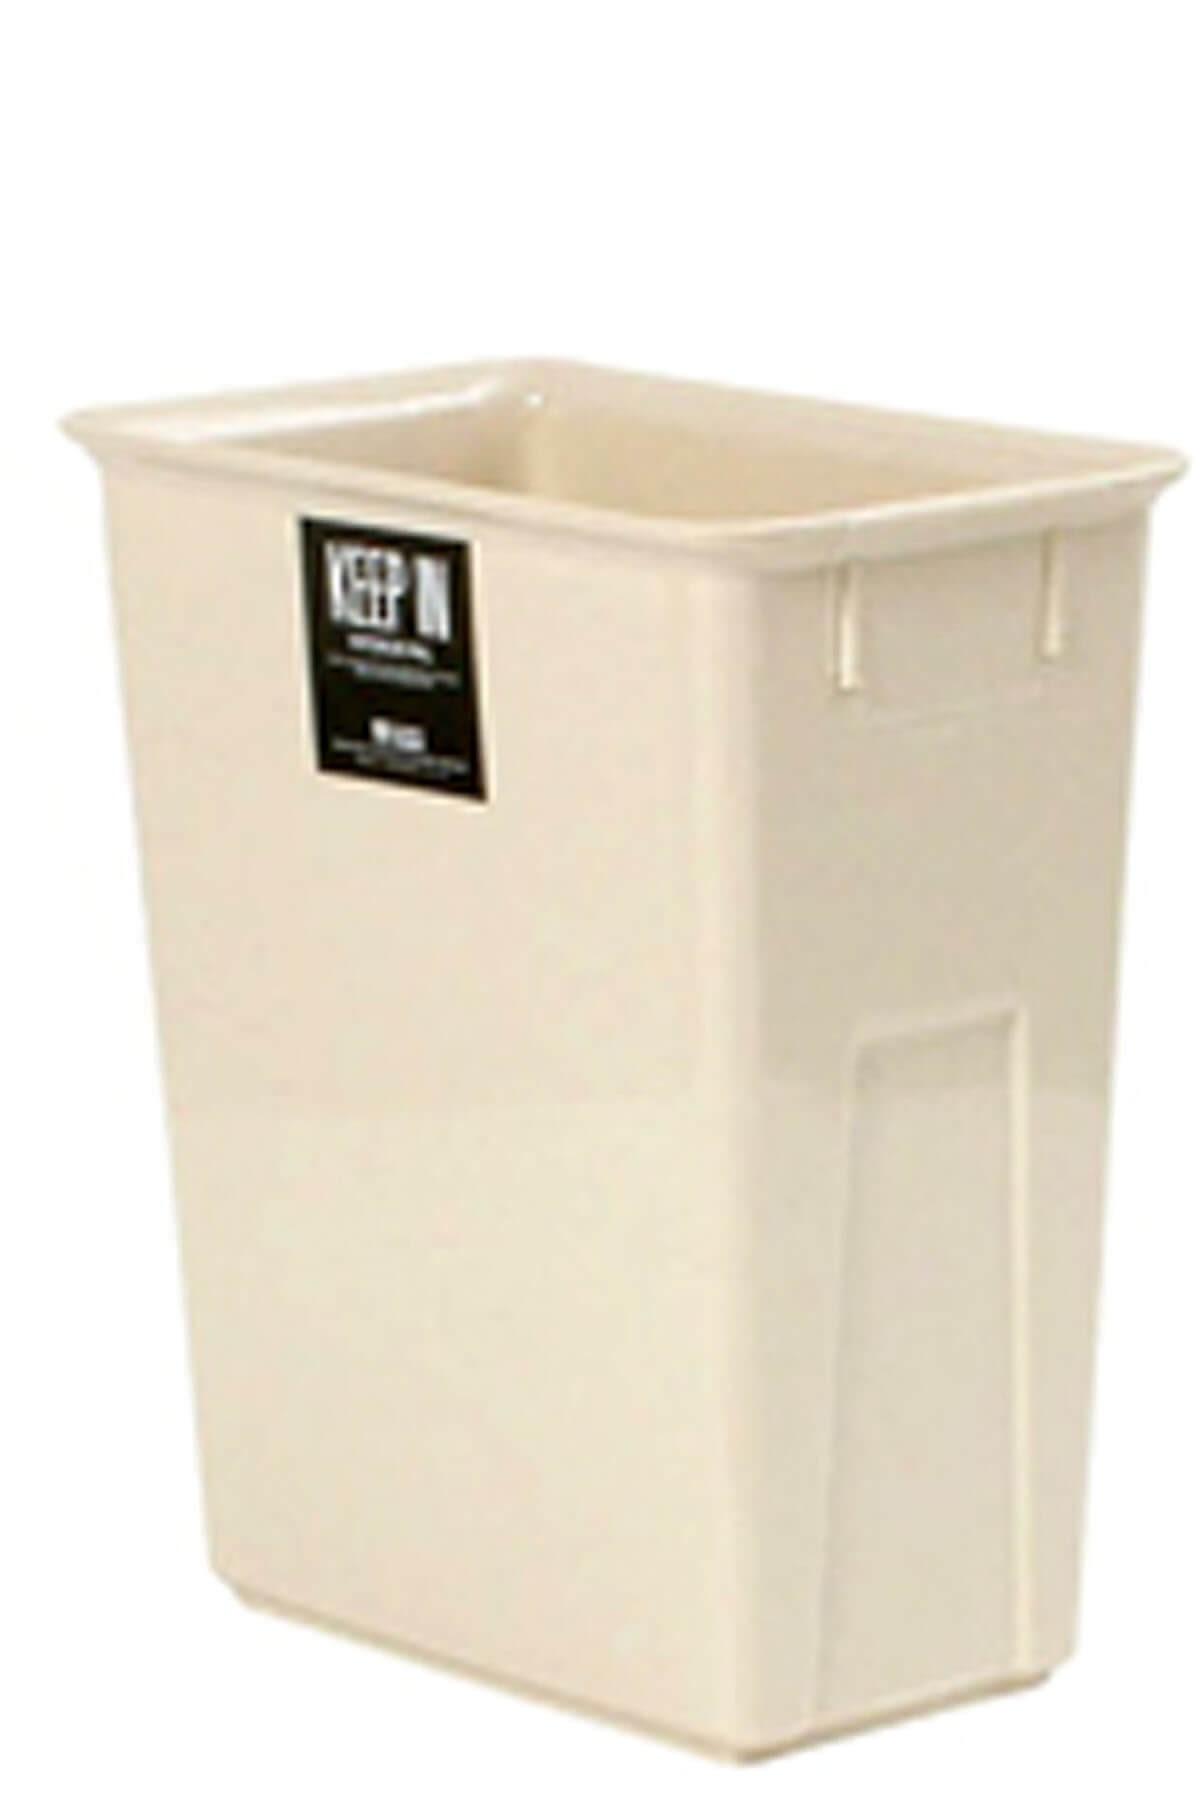 ถังขยะพลาสติก สแตนดาร์ด RW9078 (11 ลิตร) สีครีม